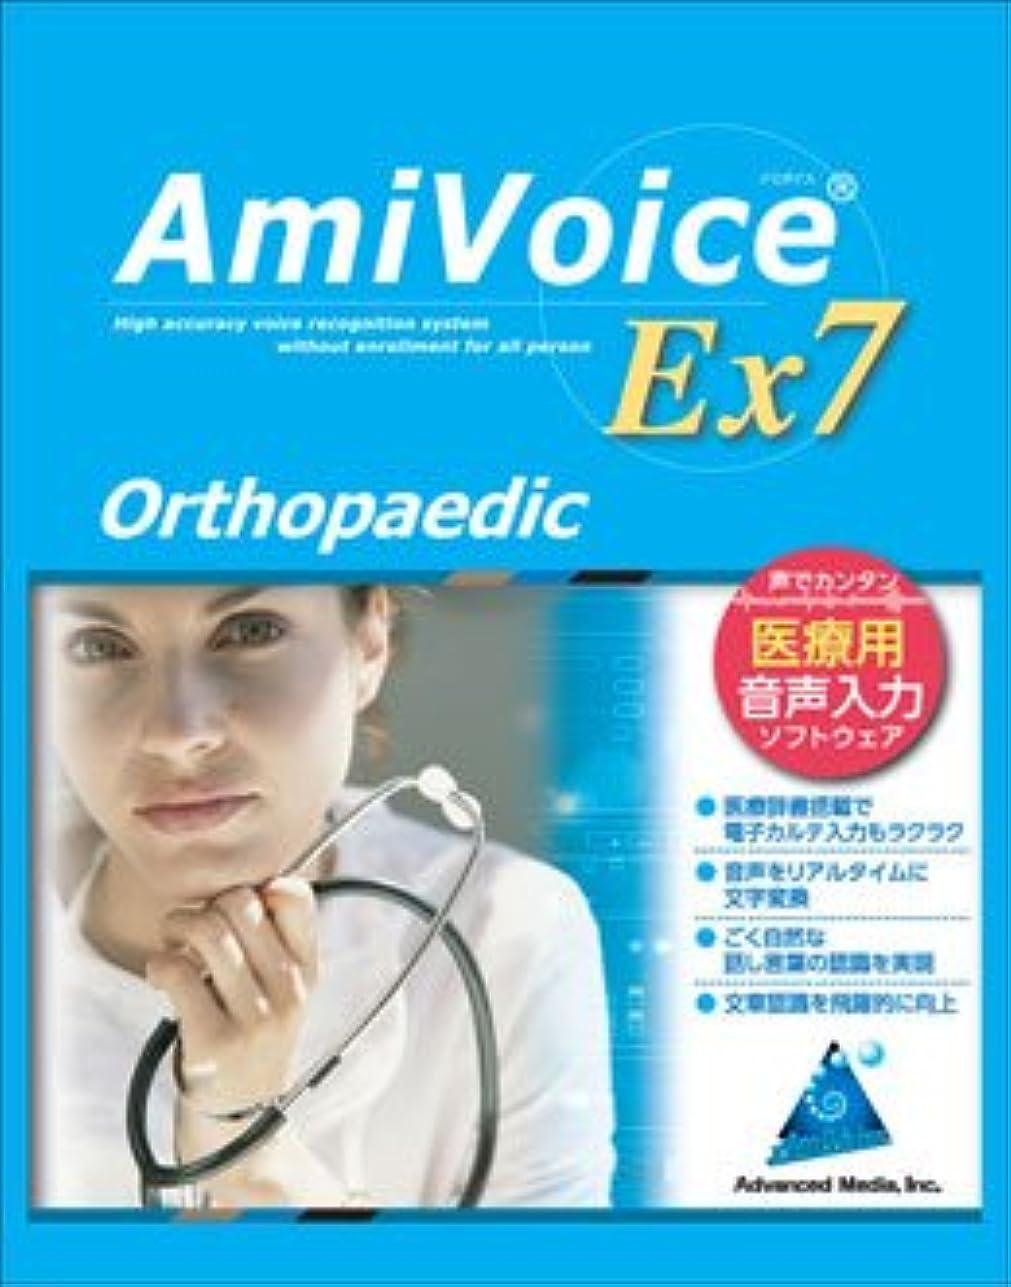 大工神秘ぺディカブ医療用音声認識ソフト AmiVoice Ex 7 Orthopaedic(整形外科)